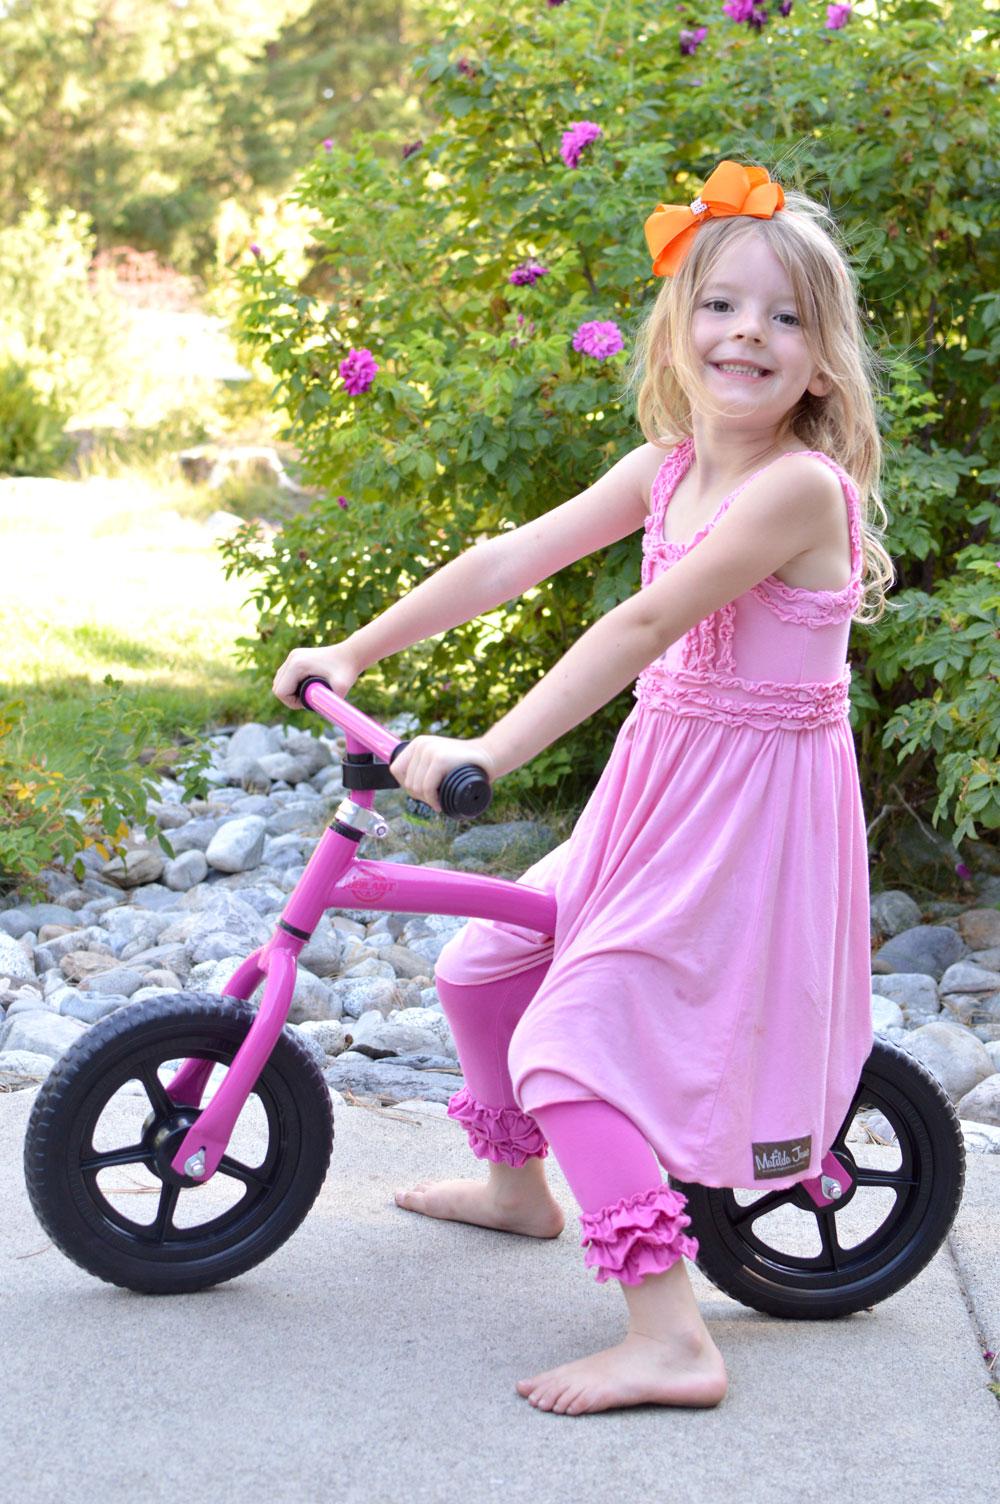 Jubilant Balance Bikes for kids - Mommy Scene